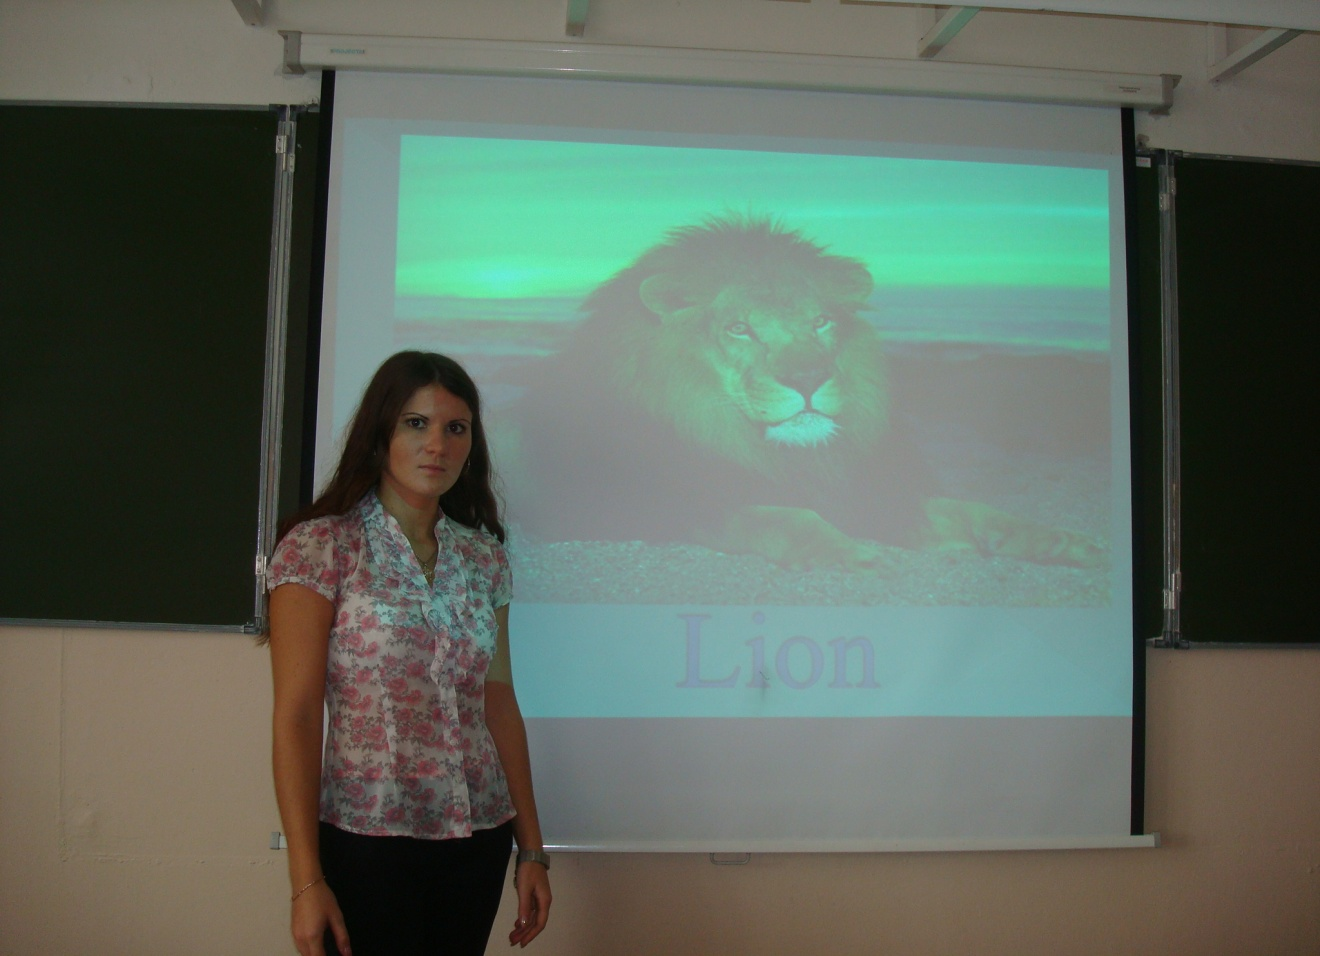 G:\Урок английского языка Животные Сафари Парка 3 класс УМК Millie учитель Штурмина ОС шк№18\24.10.2012 открытый урок в 3б\DSC03456.JPG